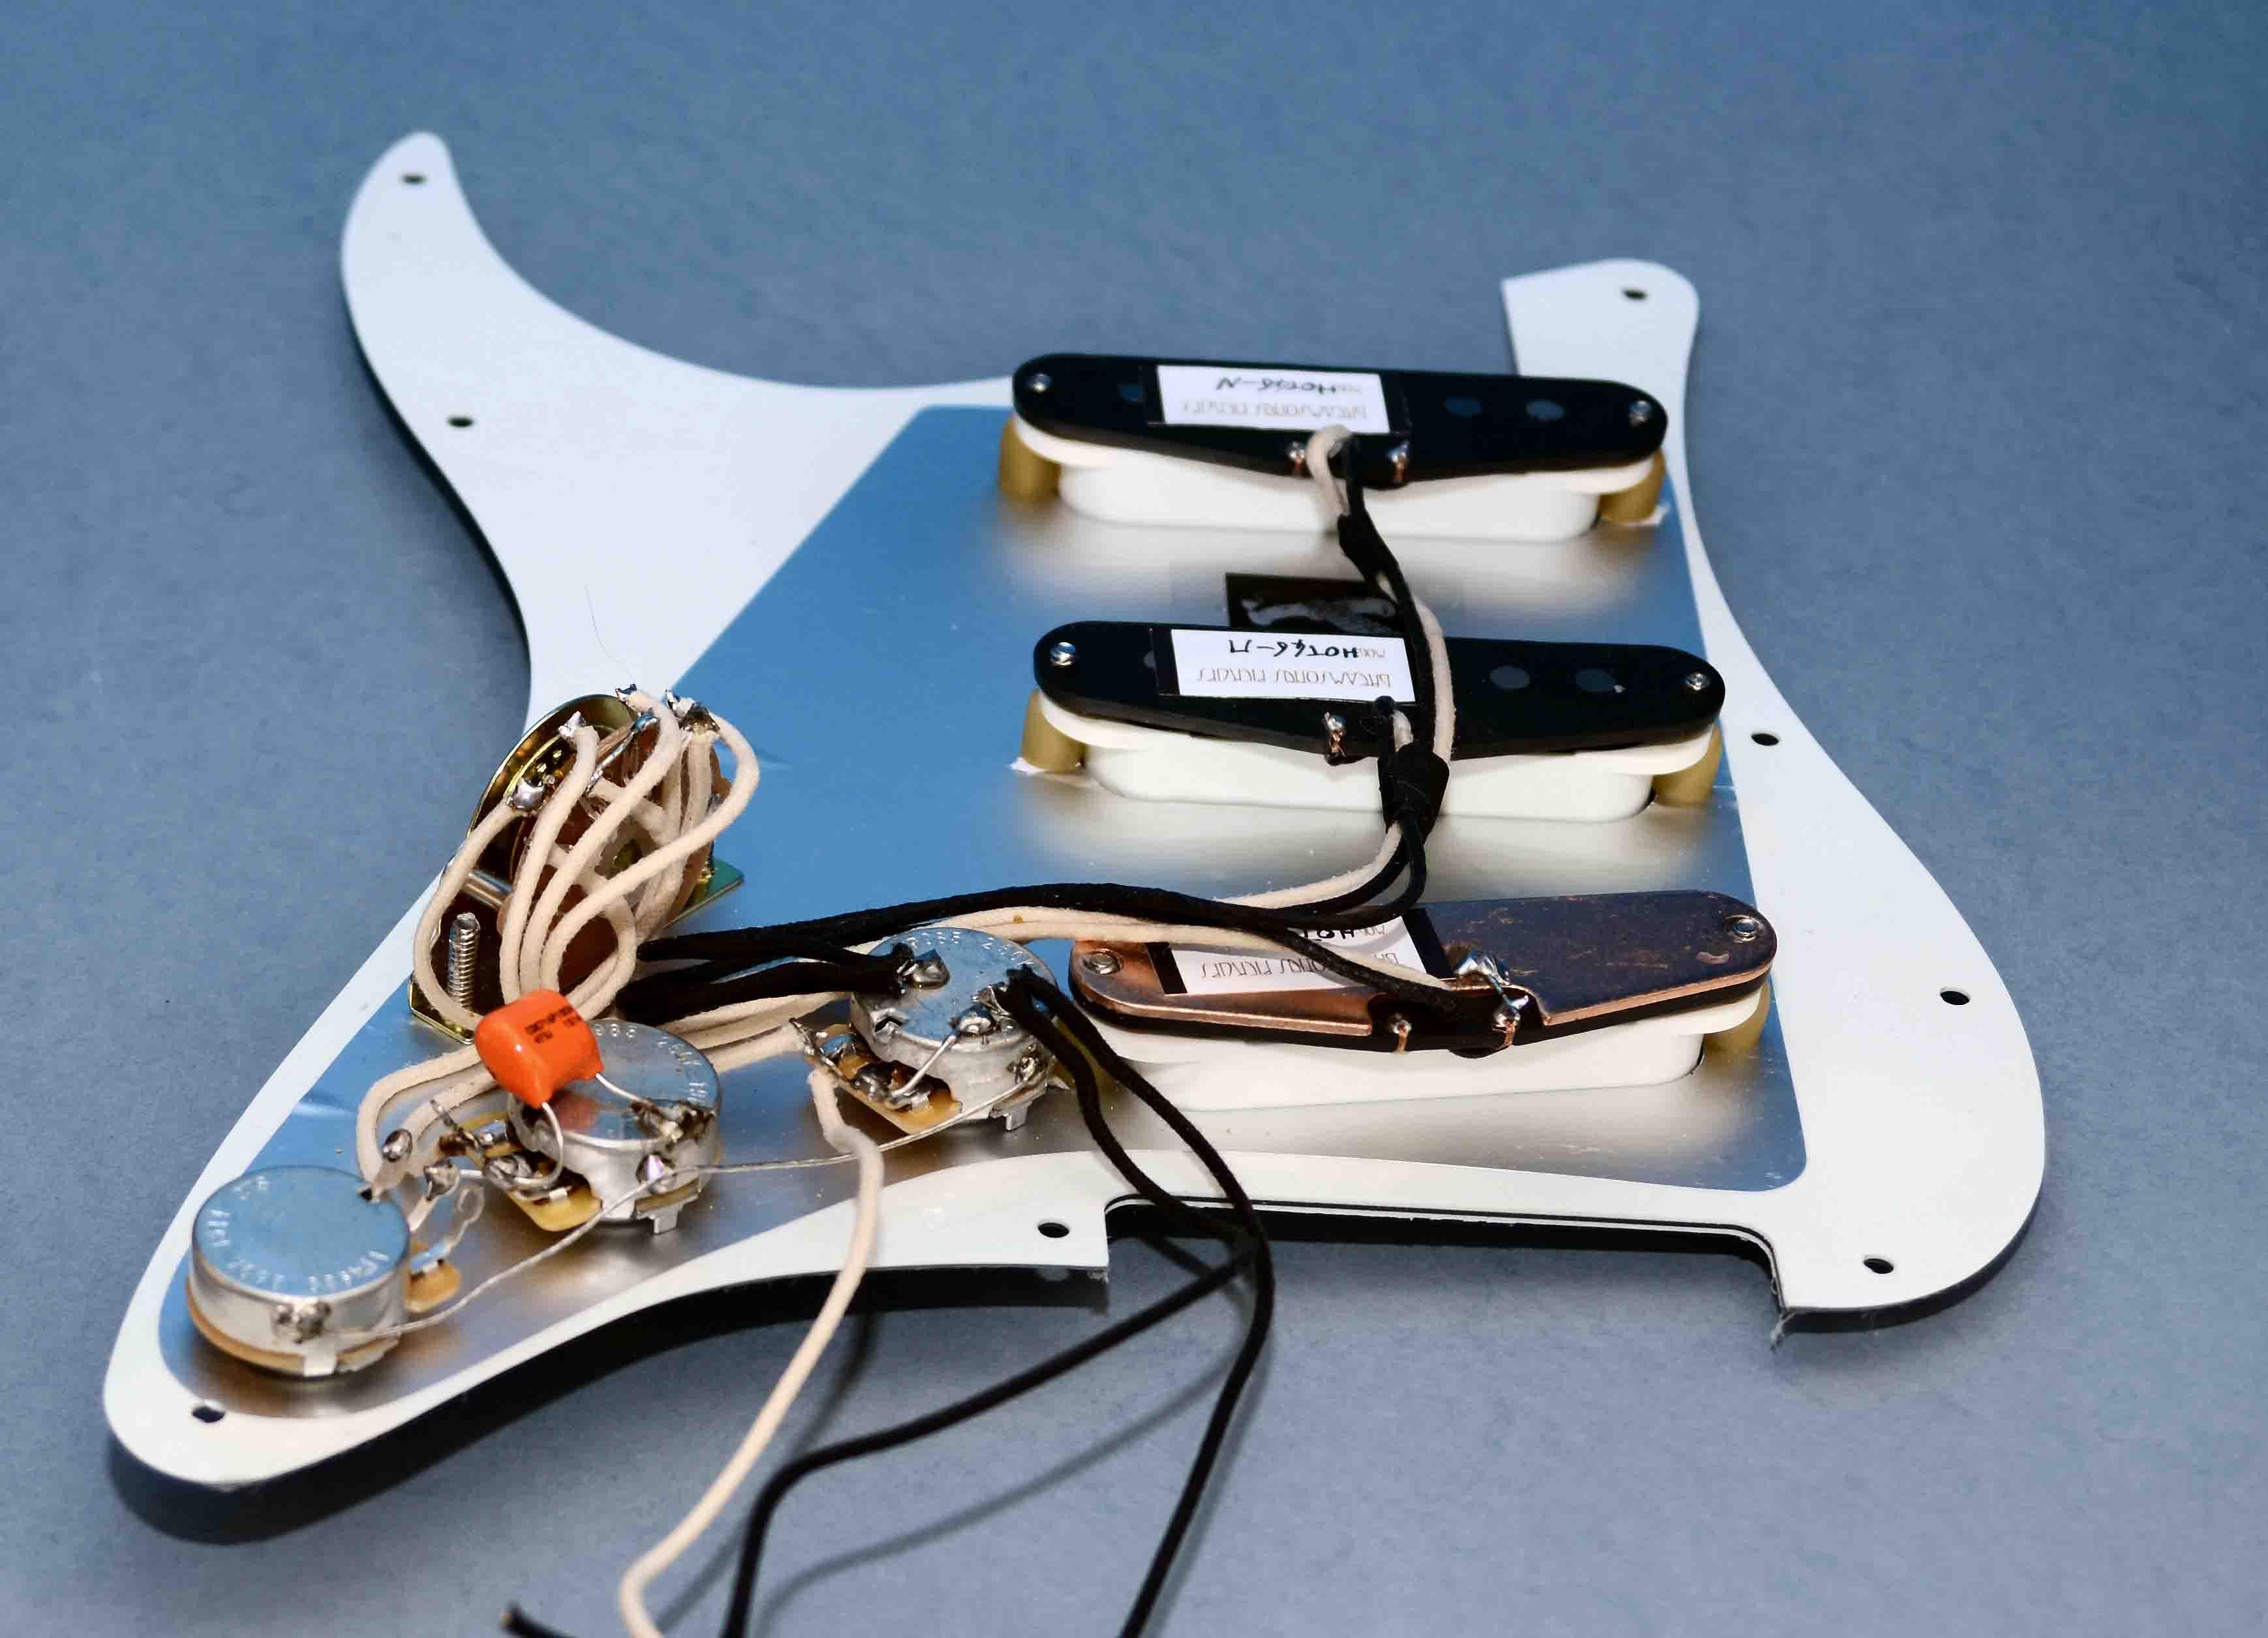 nuovo aspetto negozio di sconto prezzo più basso con Dreamsongs Pickups - Pickups Made in Italy - Age of Audio